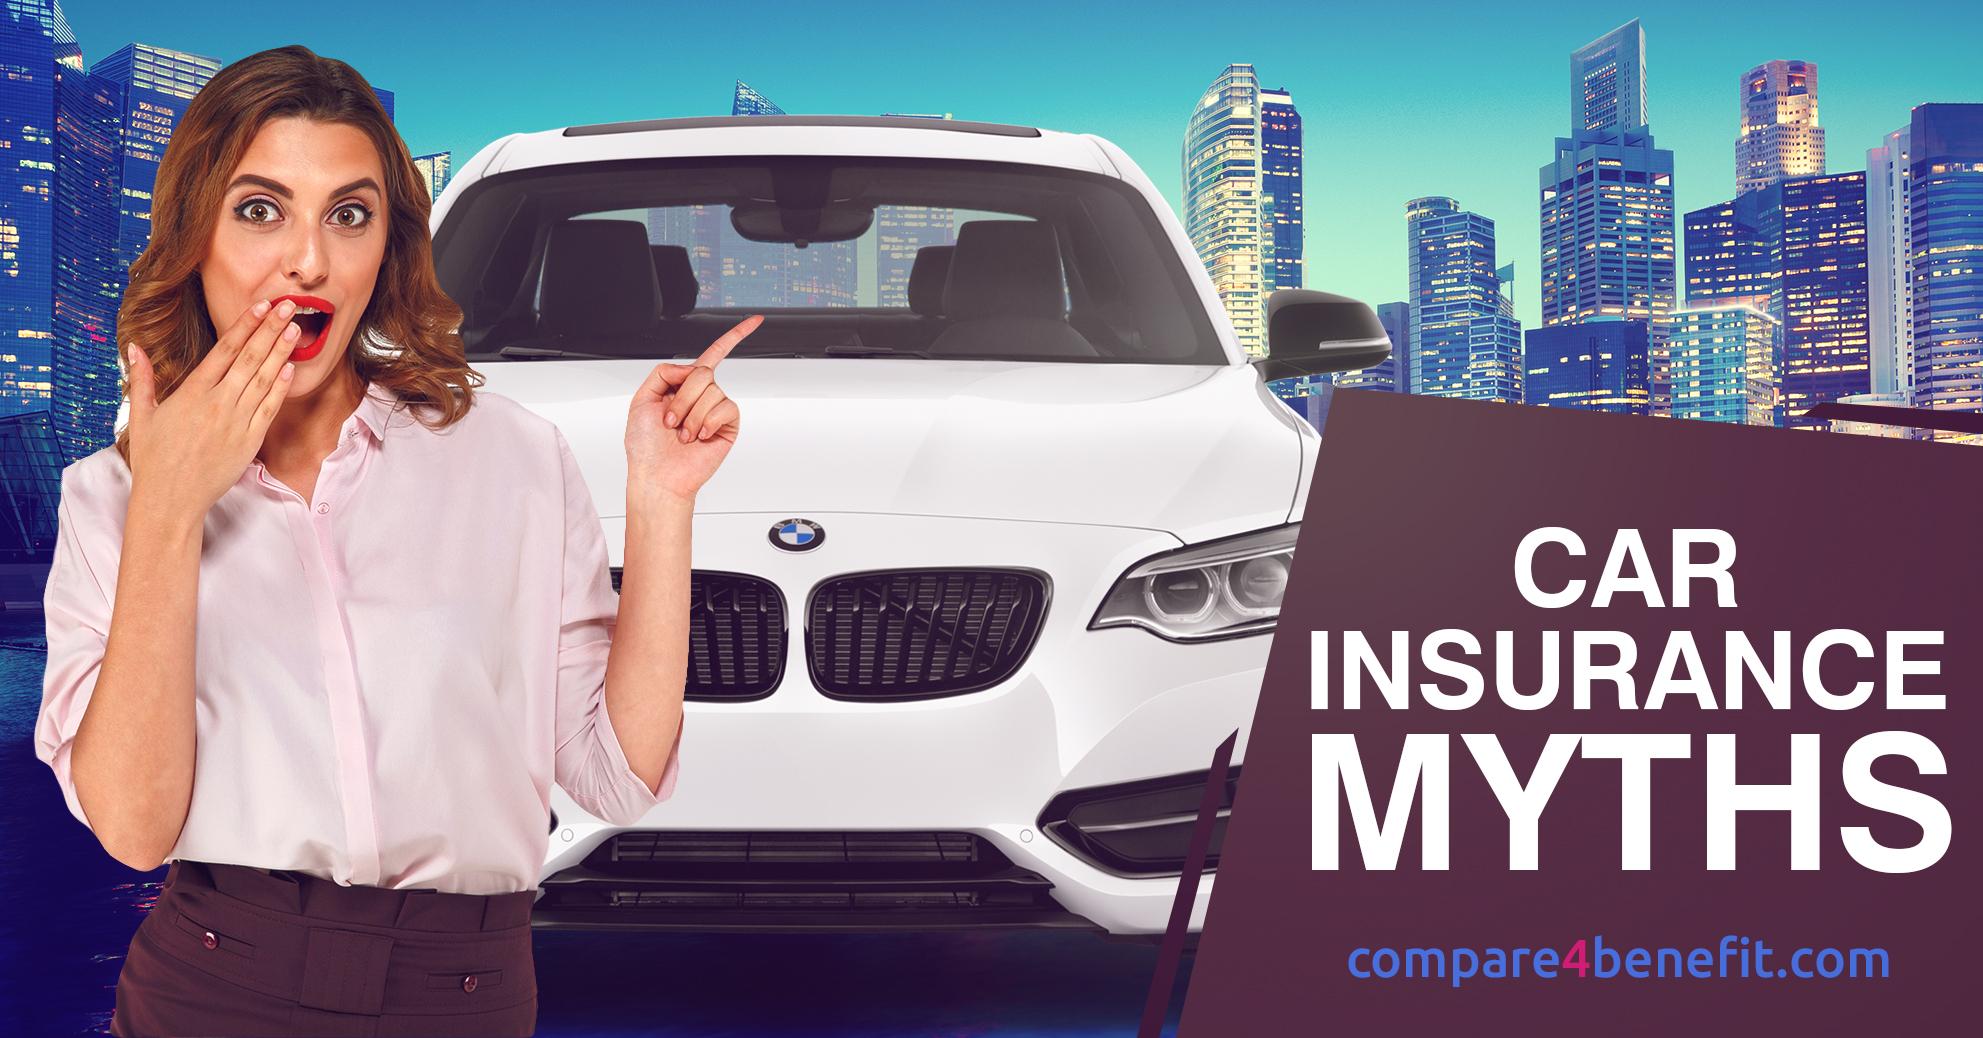 Car Insurance Myths in UAE - Money Clinic